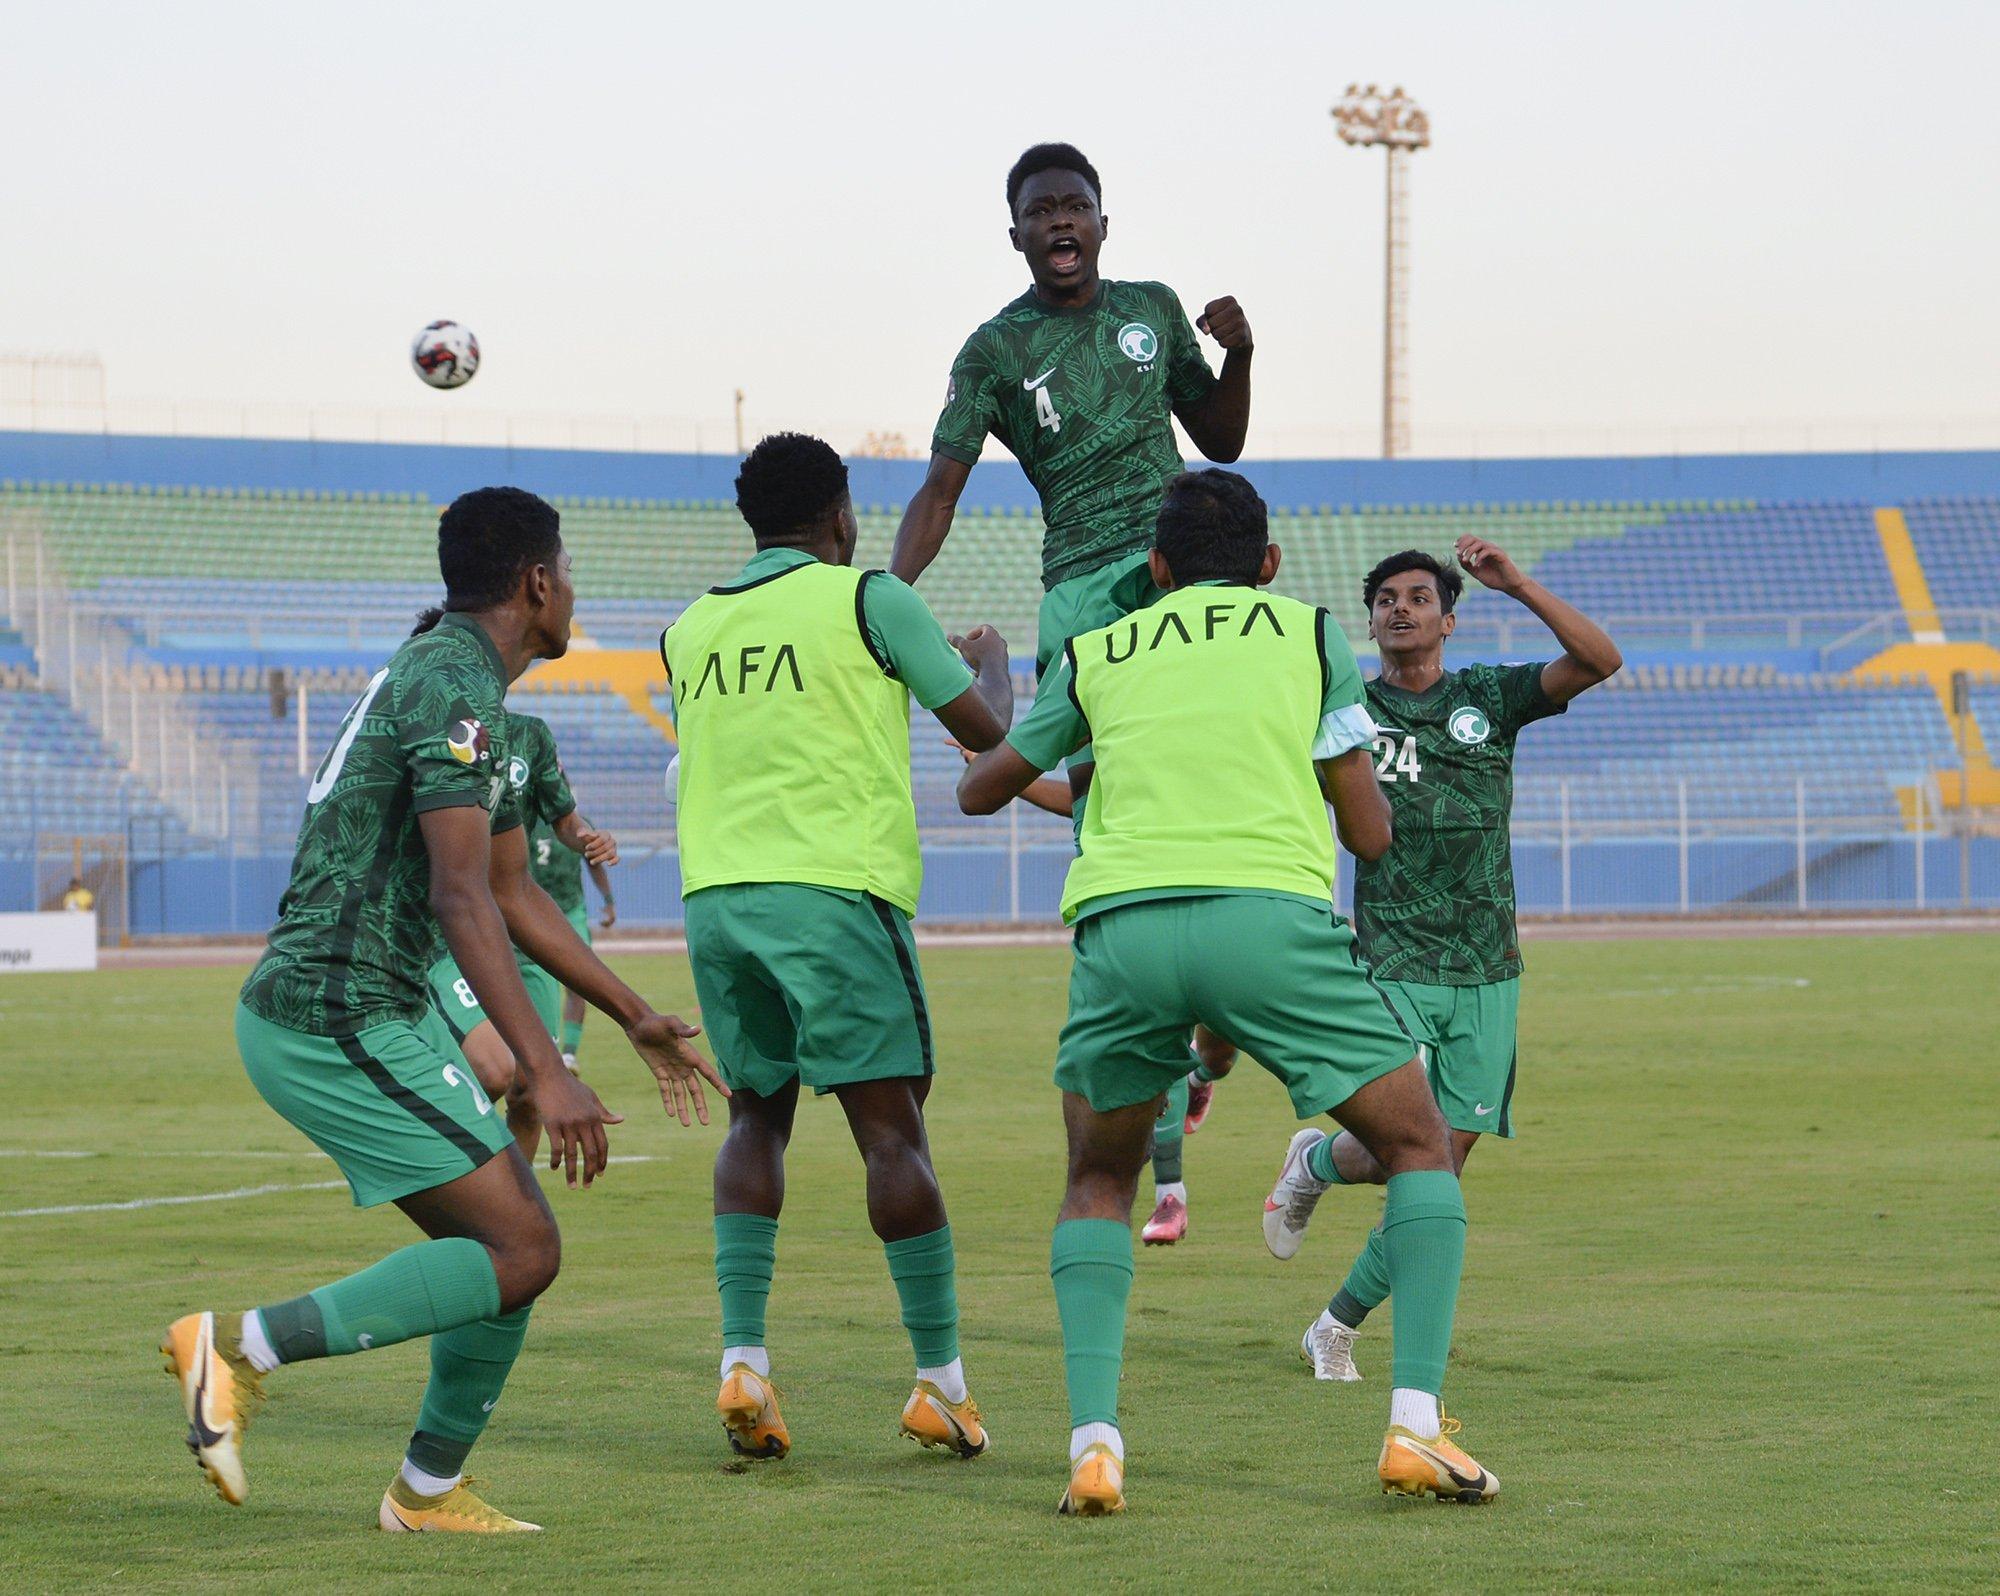 نتيجة مباراة السعودية والجزائر في كأس العرب اليوم